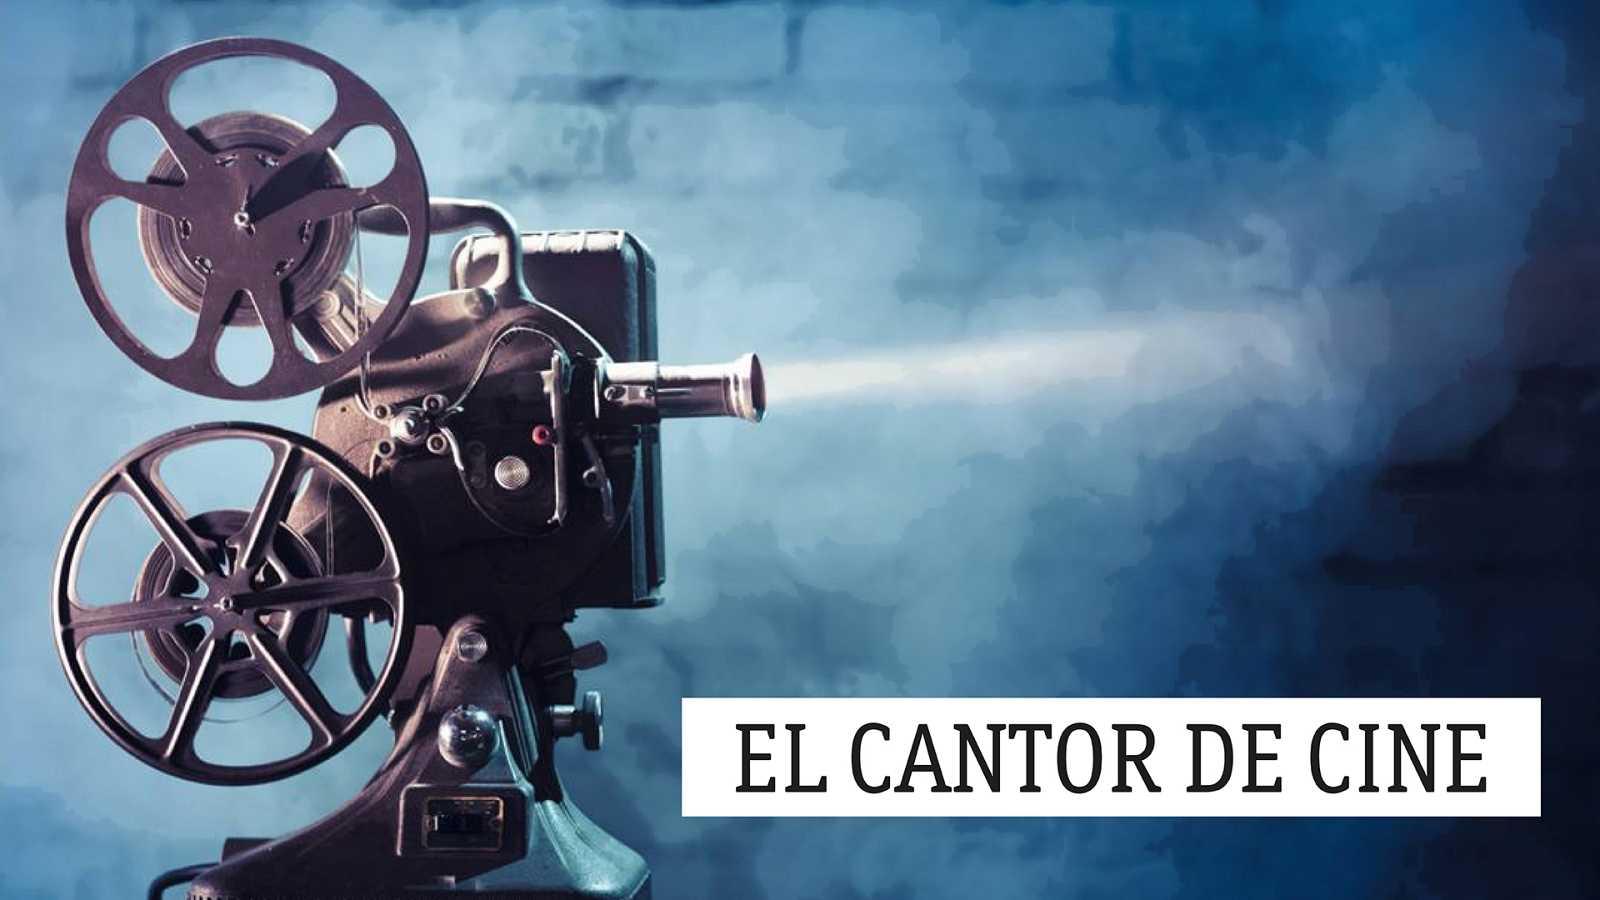 El cantor de cine - Especial: Temas del Cine del Oeste - 15/02/21 - escuchar ahora